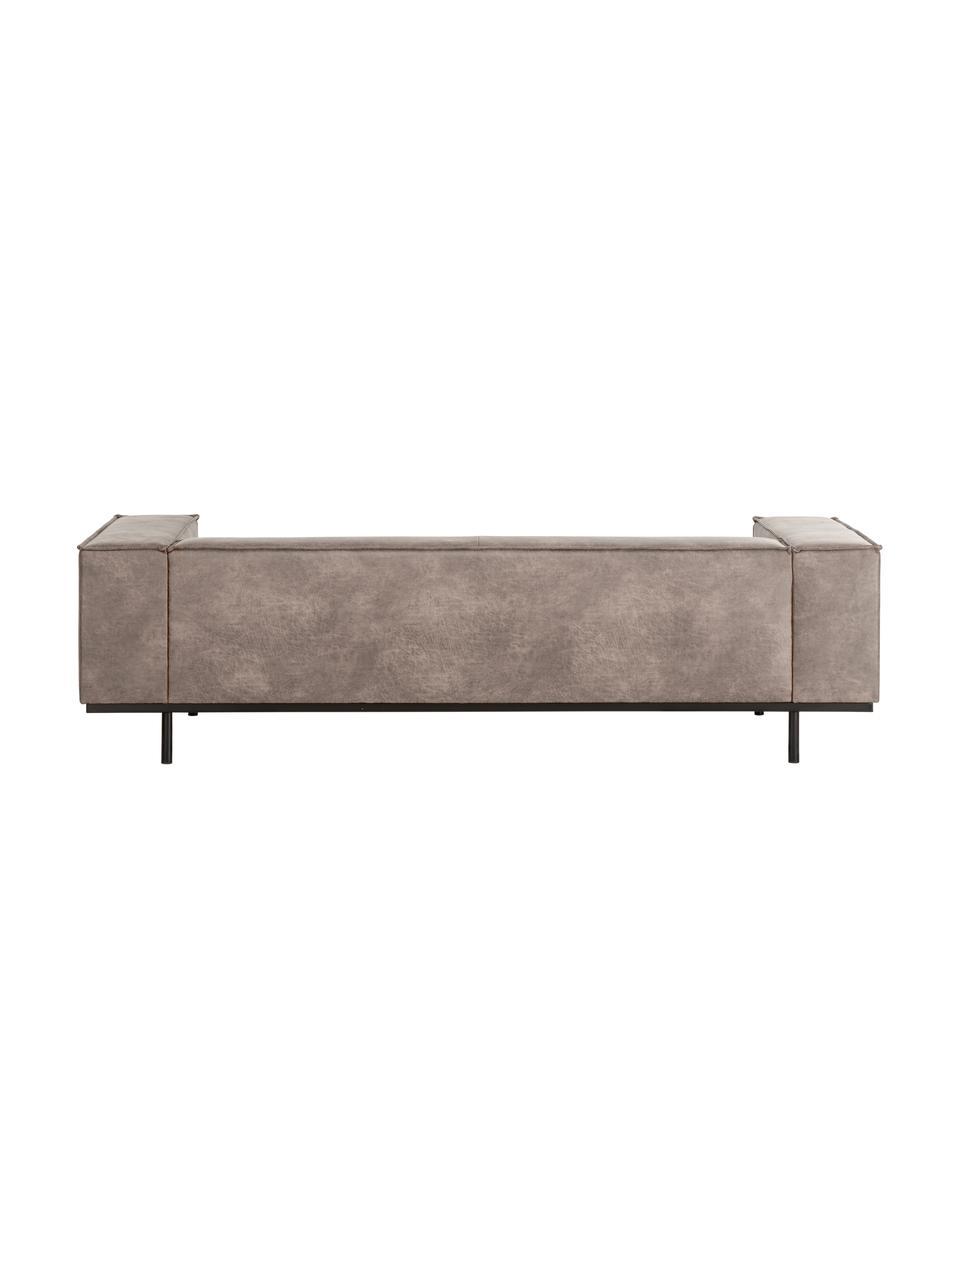 Sofa ze skóry z metalowymi nogami Abigail (2-osobowa), Tapicerka: skóra naturalna (70%skór, Nogi: stal lakierowana, Koniakowy, S 190 x G 95 cm